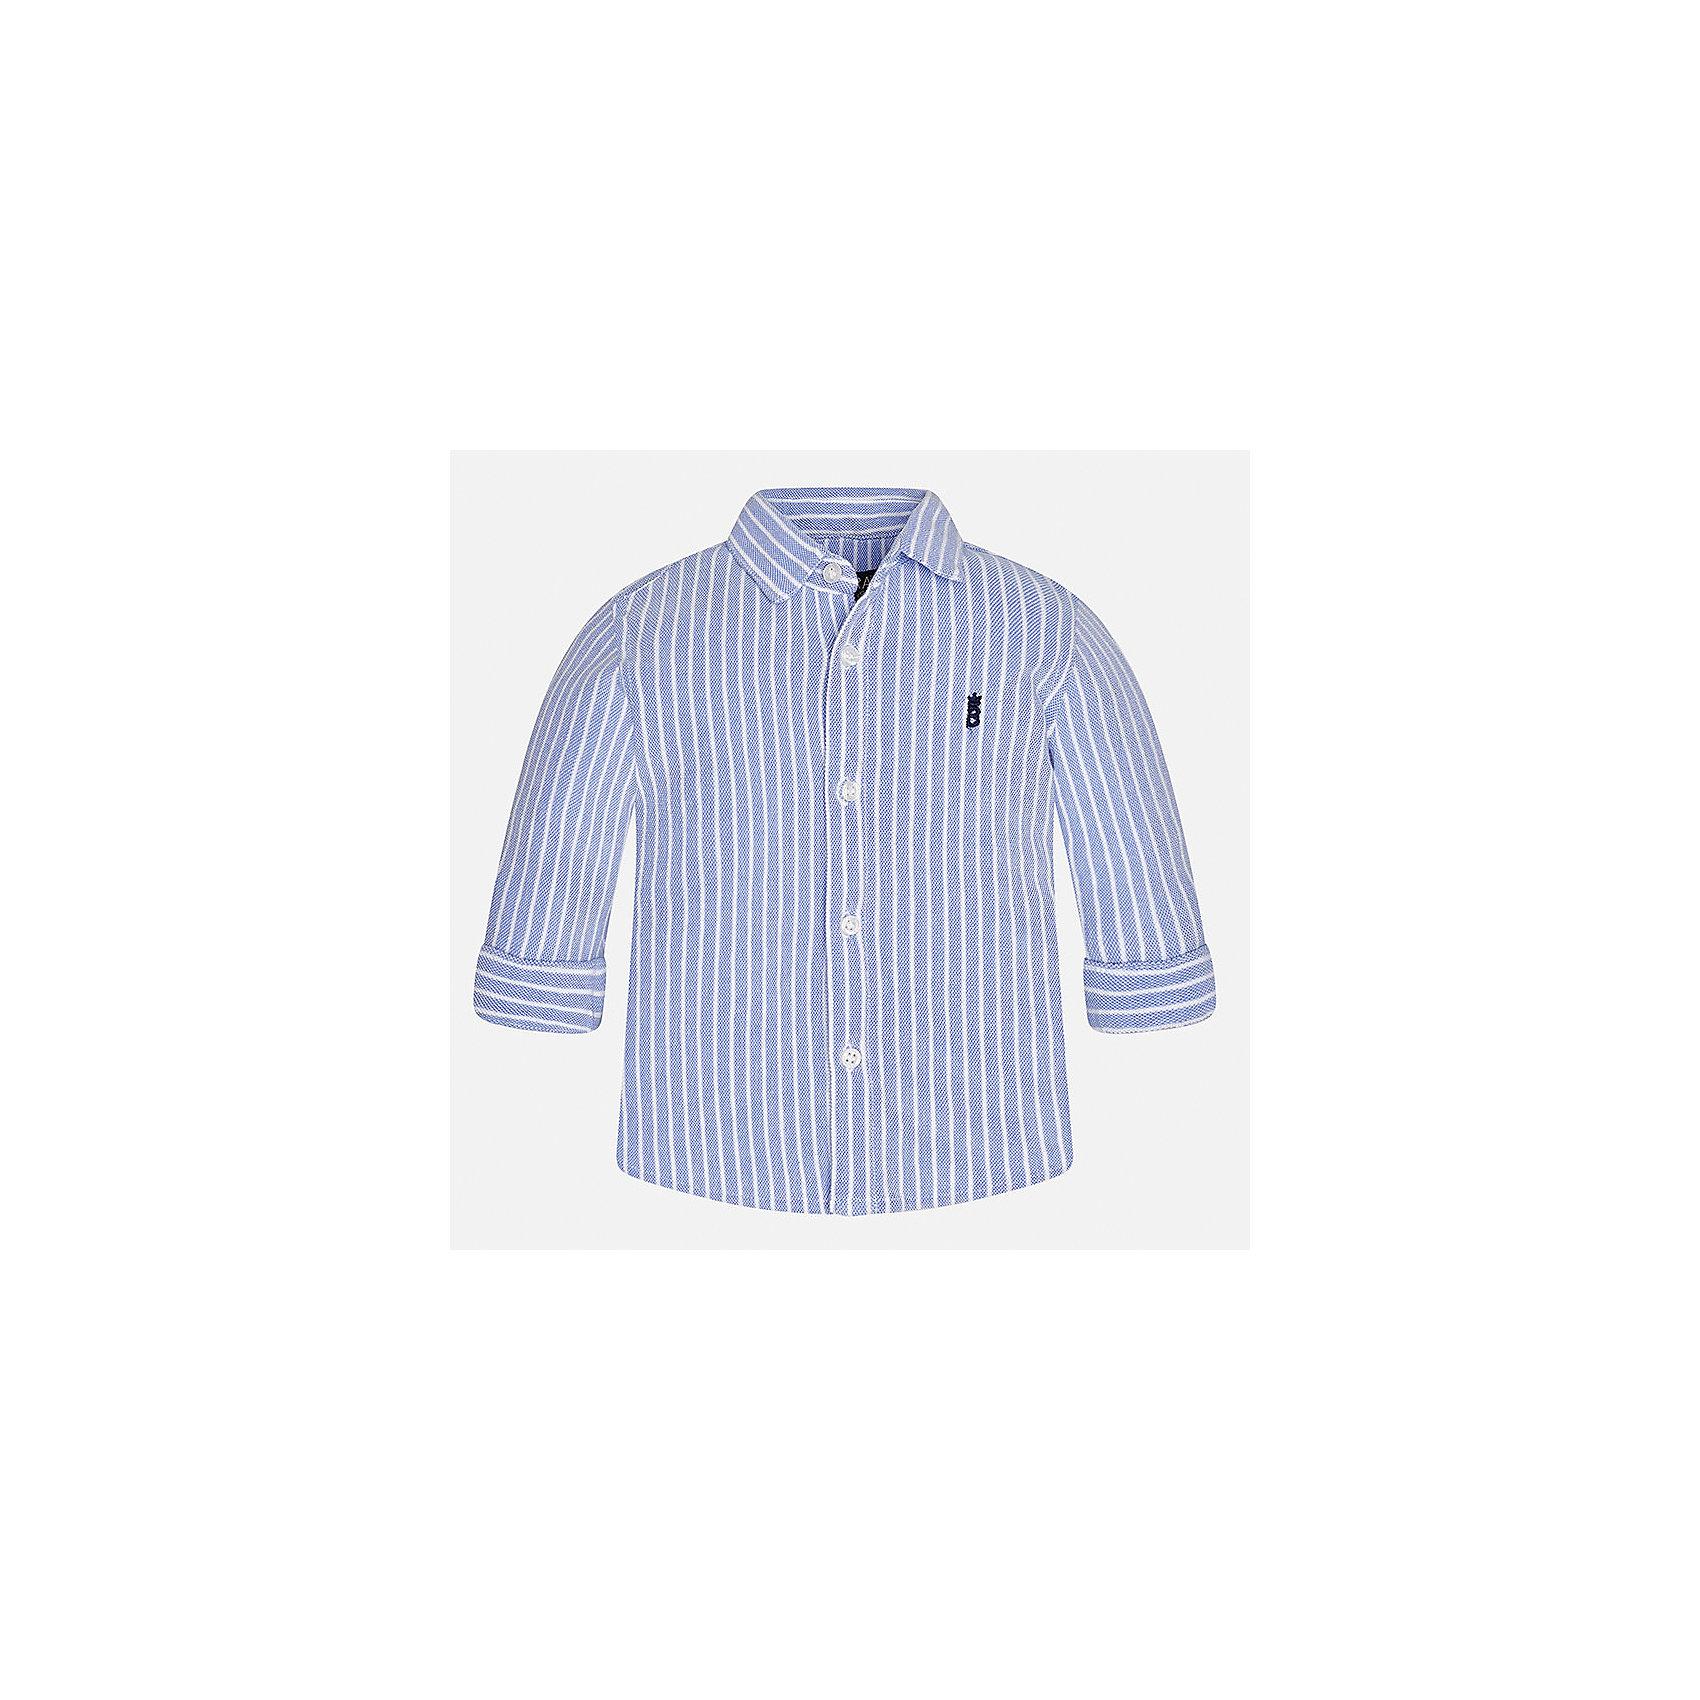 Рубашка Mayoral для мальчикаБлузки и рубашки<br>Характеристики товара:<br><br>• цвет: фиолетовый<br>• состав ткани: 100% хлопок<br>• сезон: демисезон<br>• особенности модели: школьная<br>• застежка: пуговицы<br>• длинные рукава<br>• страна бренда: Испания<br>• страна изготовитель: Индия<br><br>Стильная рубашка с длинным рукавом для мальчика от Майорал поможет обеспечить ребенку комфорт. Детская рубашка отличается стильным и продуманным дизайном. В рубашке для мальчика от испанской компании Майорал ребенок будет выглядеть модно, а чувствовать себя - комфортно. <br><br>Рубашку для мальчика Mayoral (Майорал) можно купить в нашем интернет-магазине.<br><br>Ширина мм: 174<br>Глубина мм: 10<br>Высота мм: 169<br>Вес г: 157<br>Цвет: лиловый<br>Возраст от месяцев: 24<br>Возраст до месяцев: 36<br>Пол: Мужской<br>Возраст: Детский<br>Размер: 98,80,86,92<br>SKU: 6935034